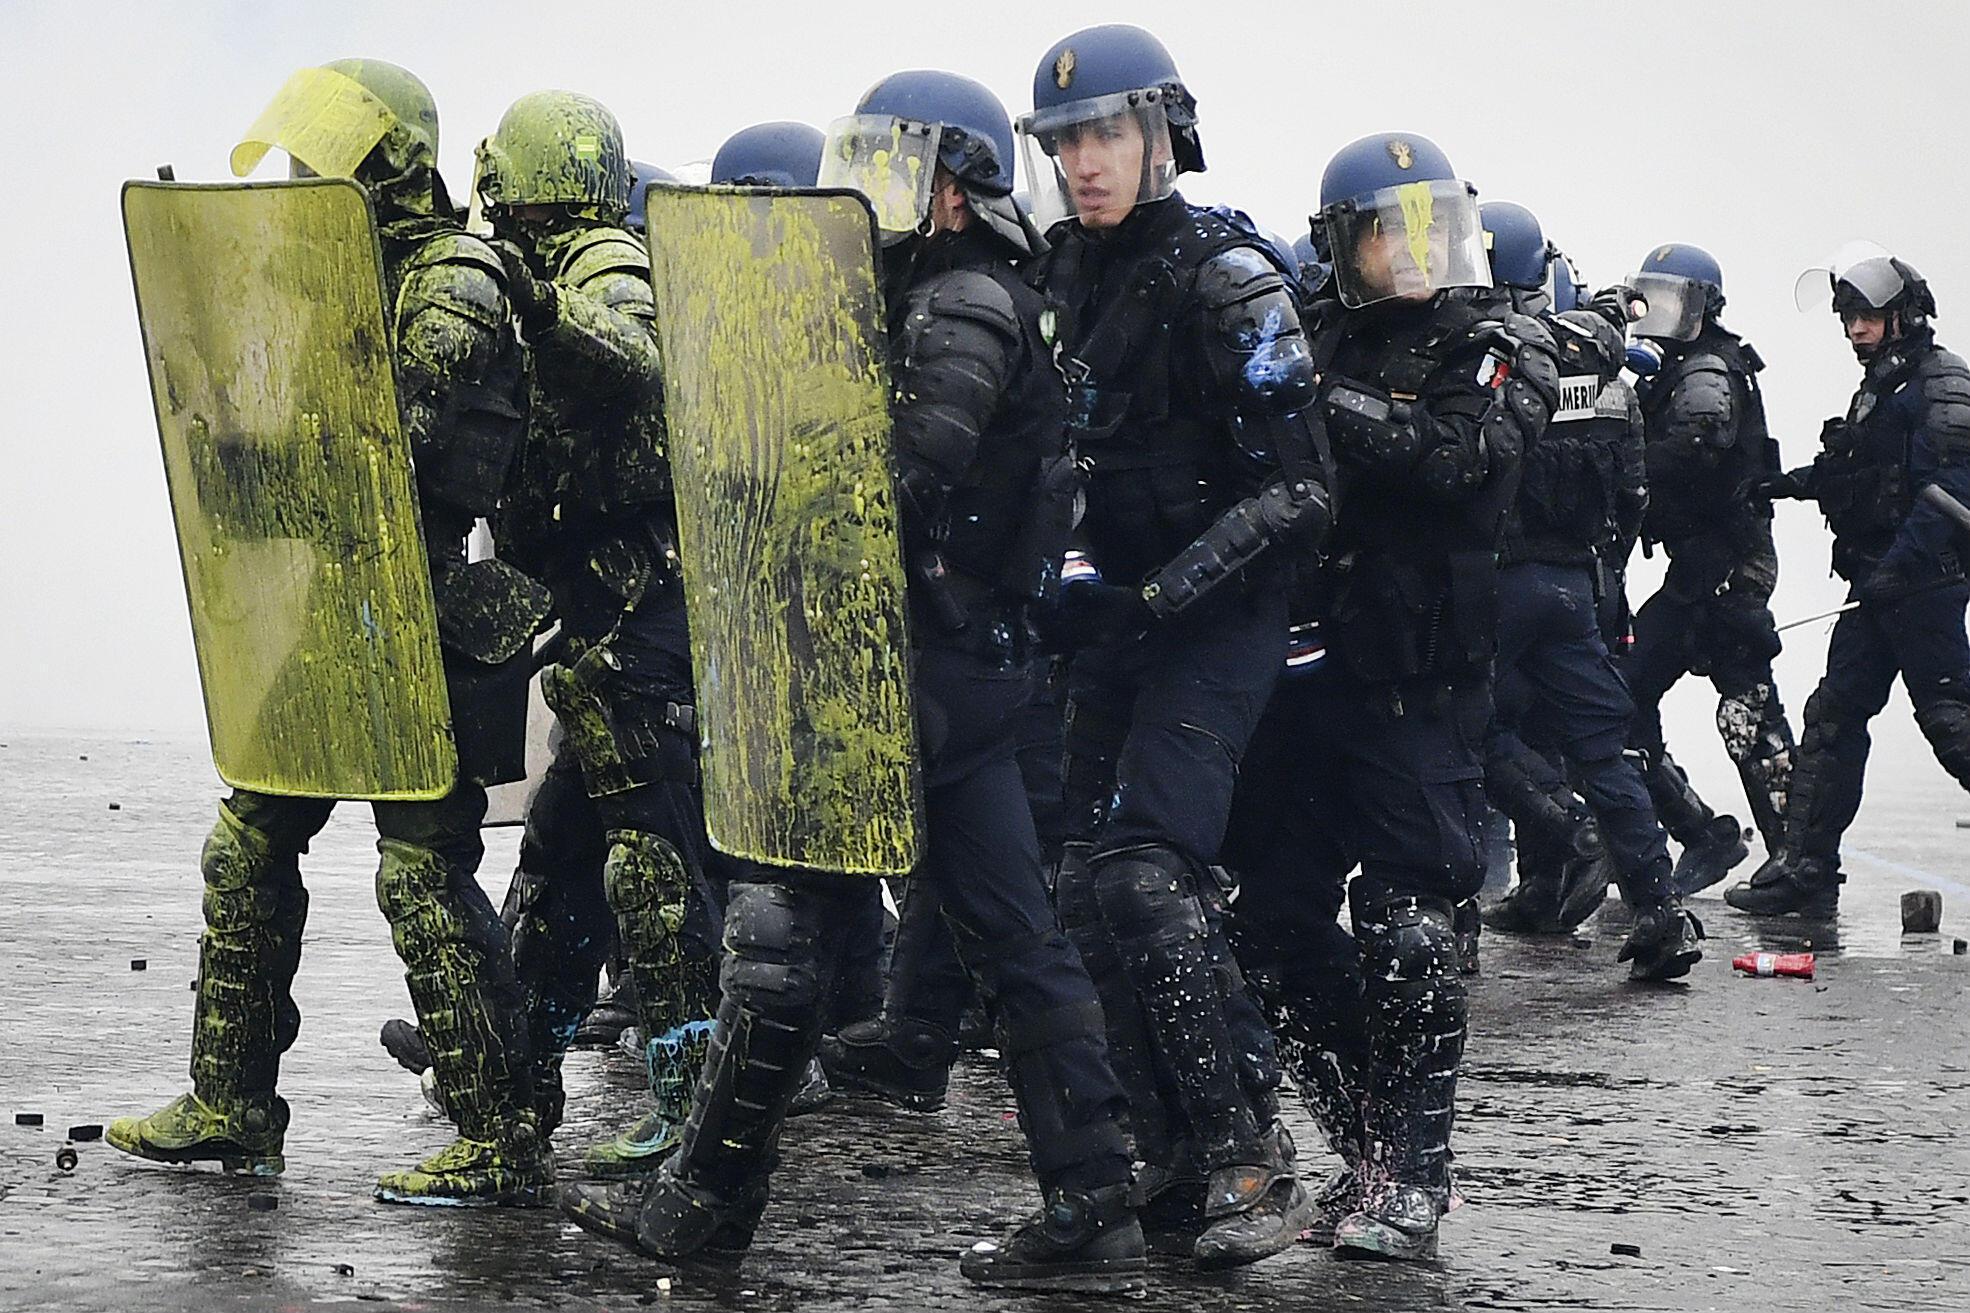 Des CRS font face à des manifestants Gilets jaunes sur les Champs-Élysées à Paris, le 1er décembre 2018.